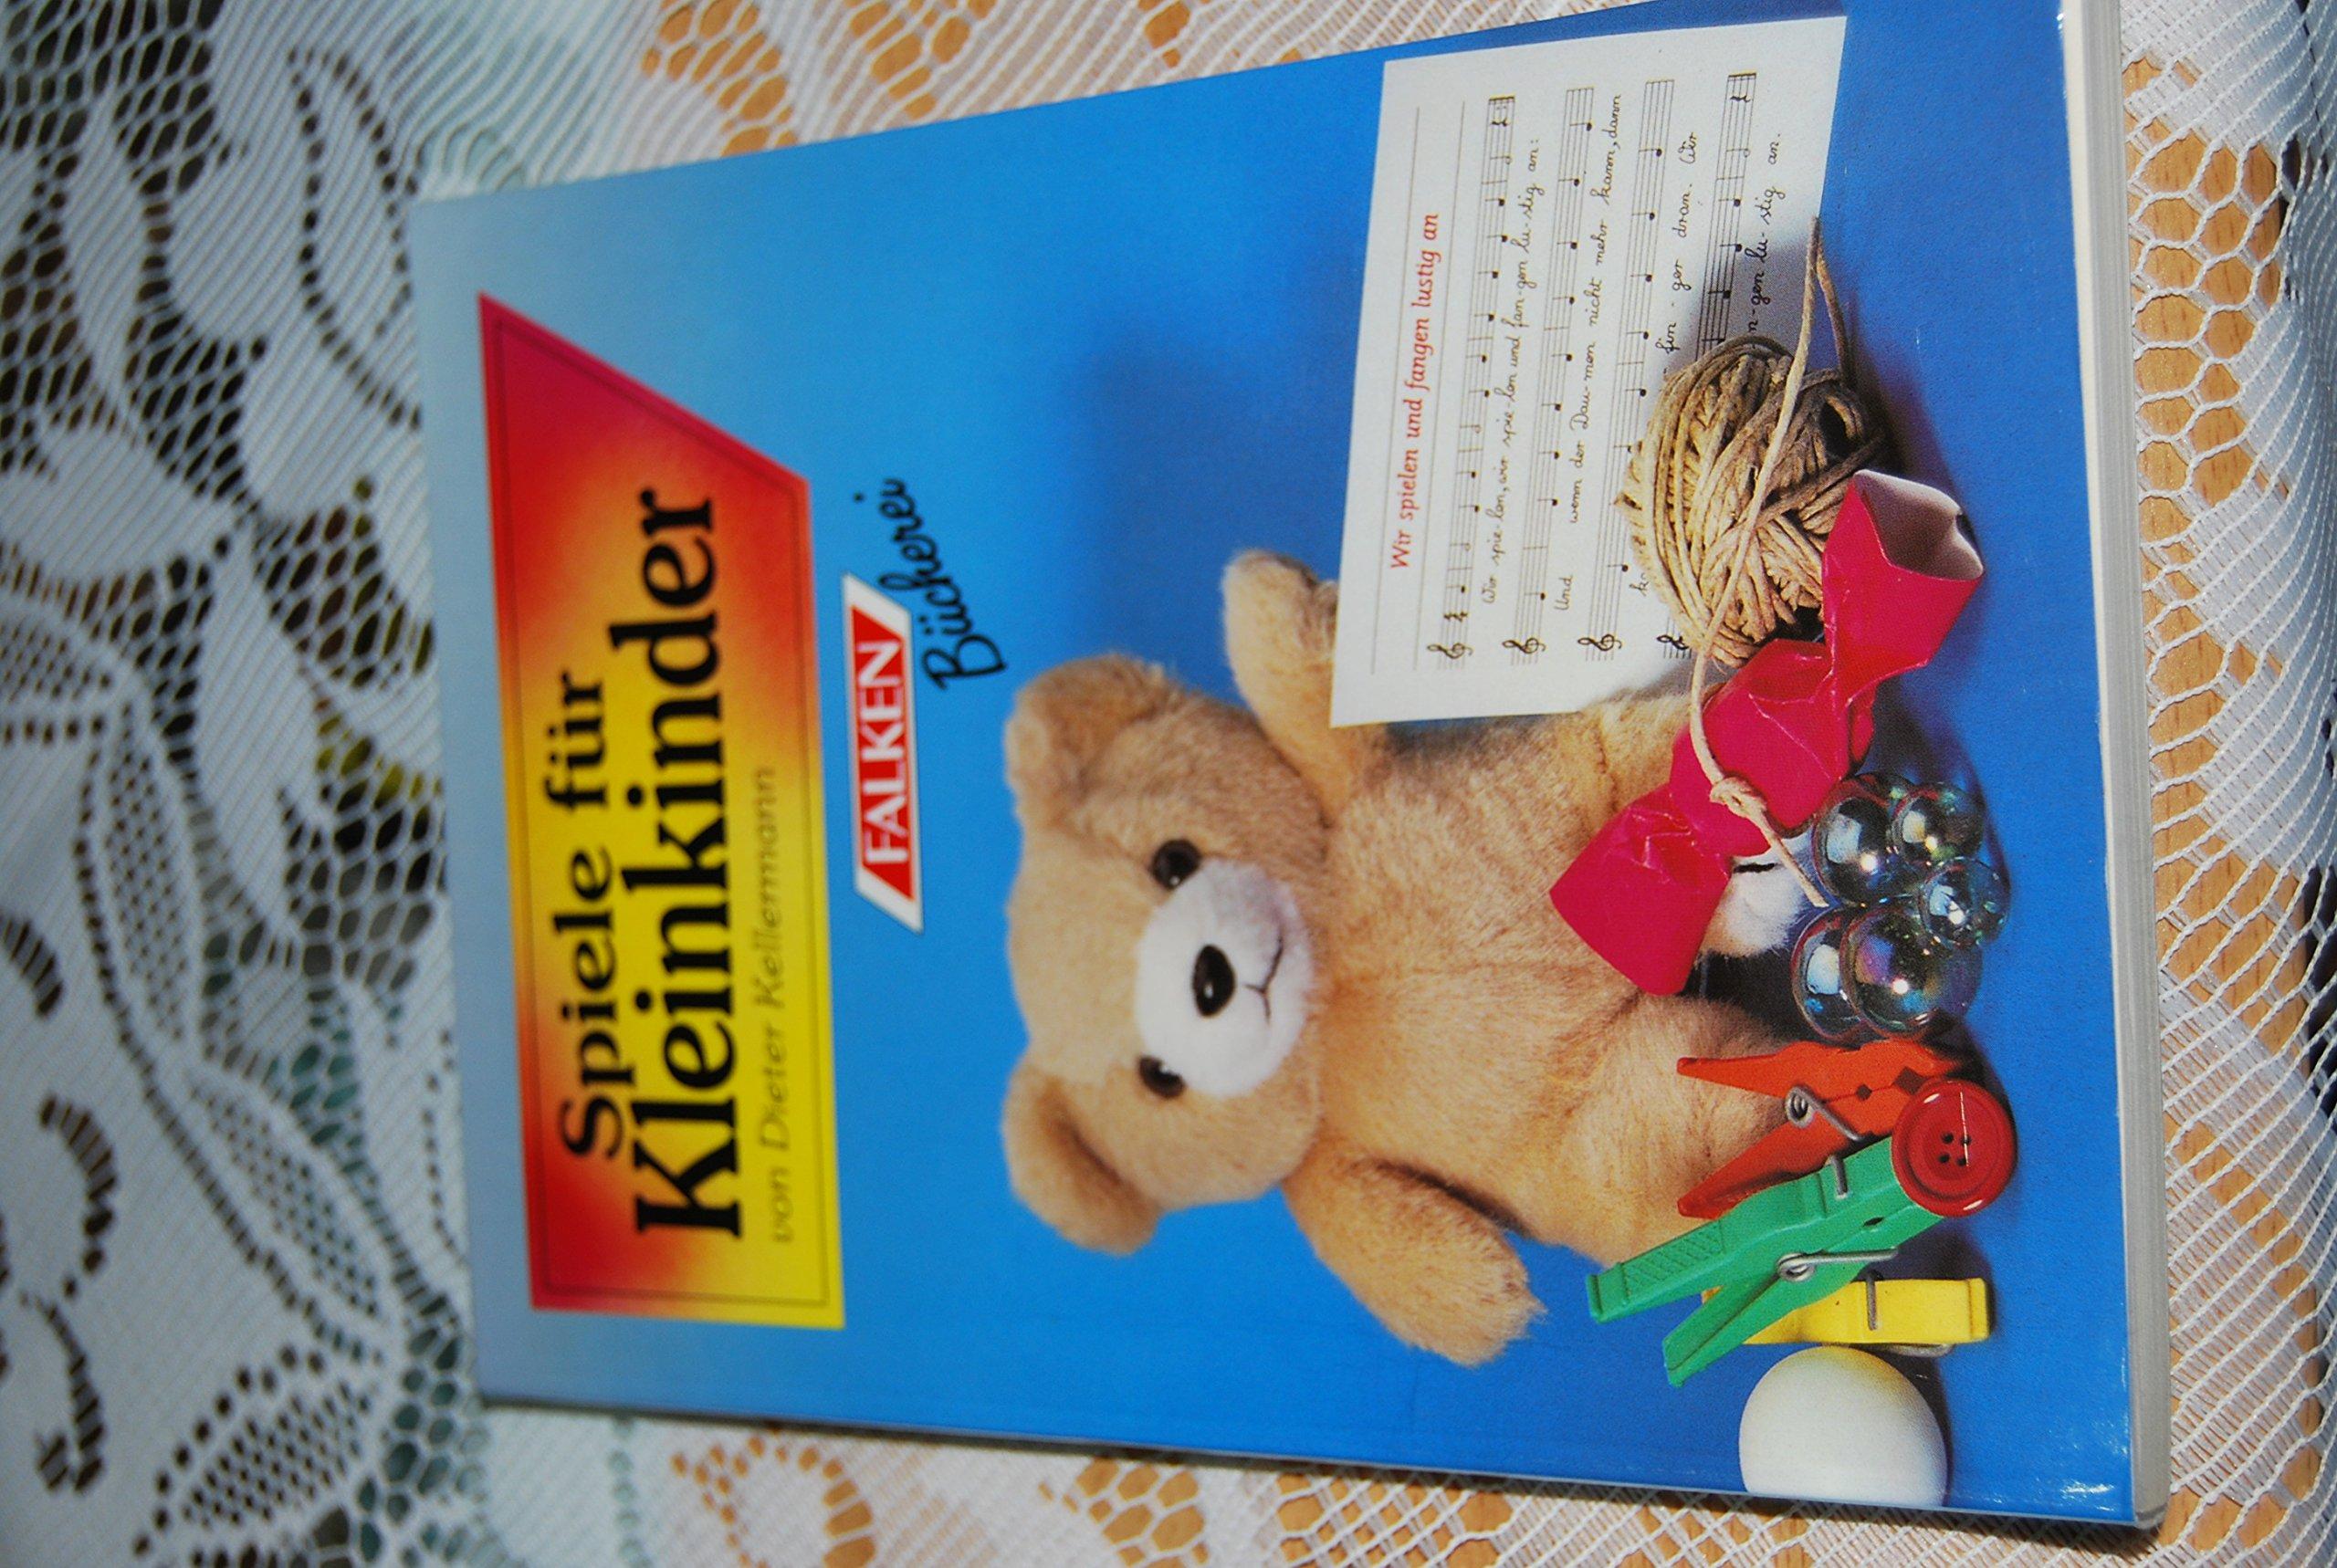 Spiele für Kleinkinder. ( Spiele Bibliothek).